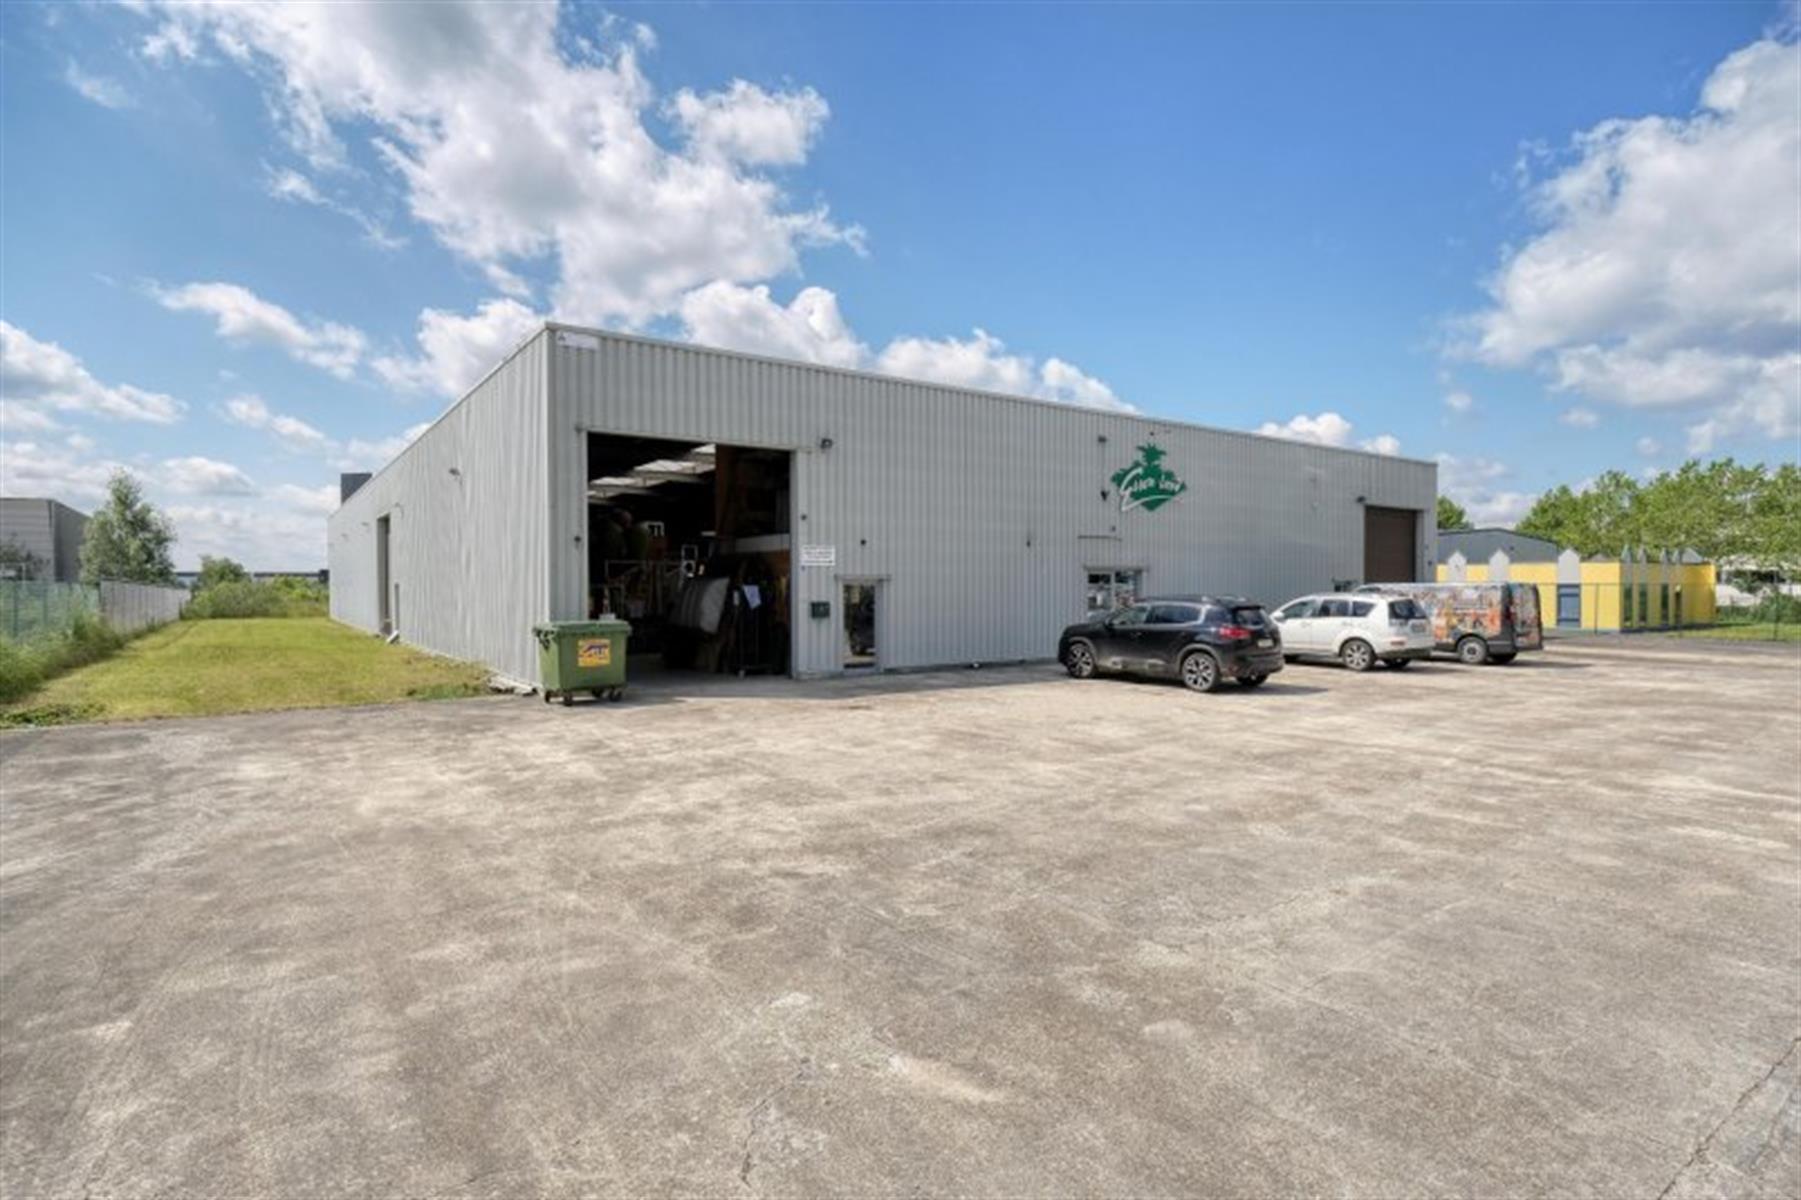 kantoren & magazijn te koop I123 - Magazijn met kantoorruimte - Centrum-Zuid 3203, 3530 Houthalen-Helchteren, België 1